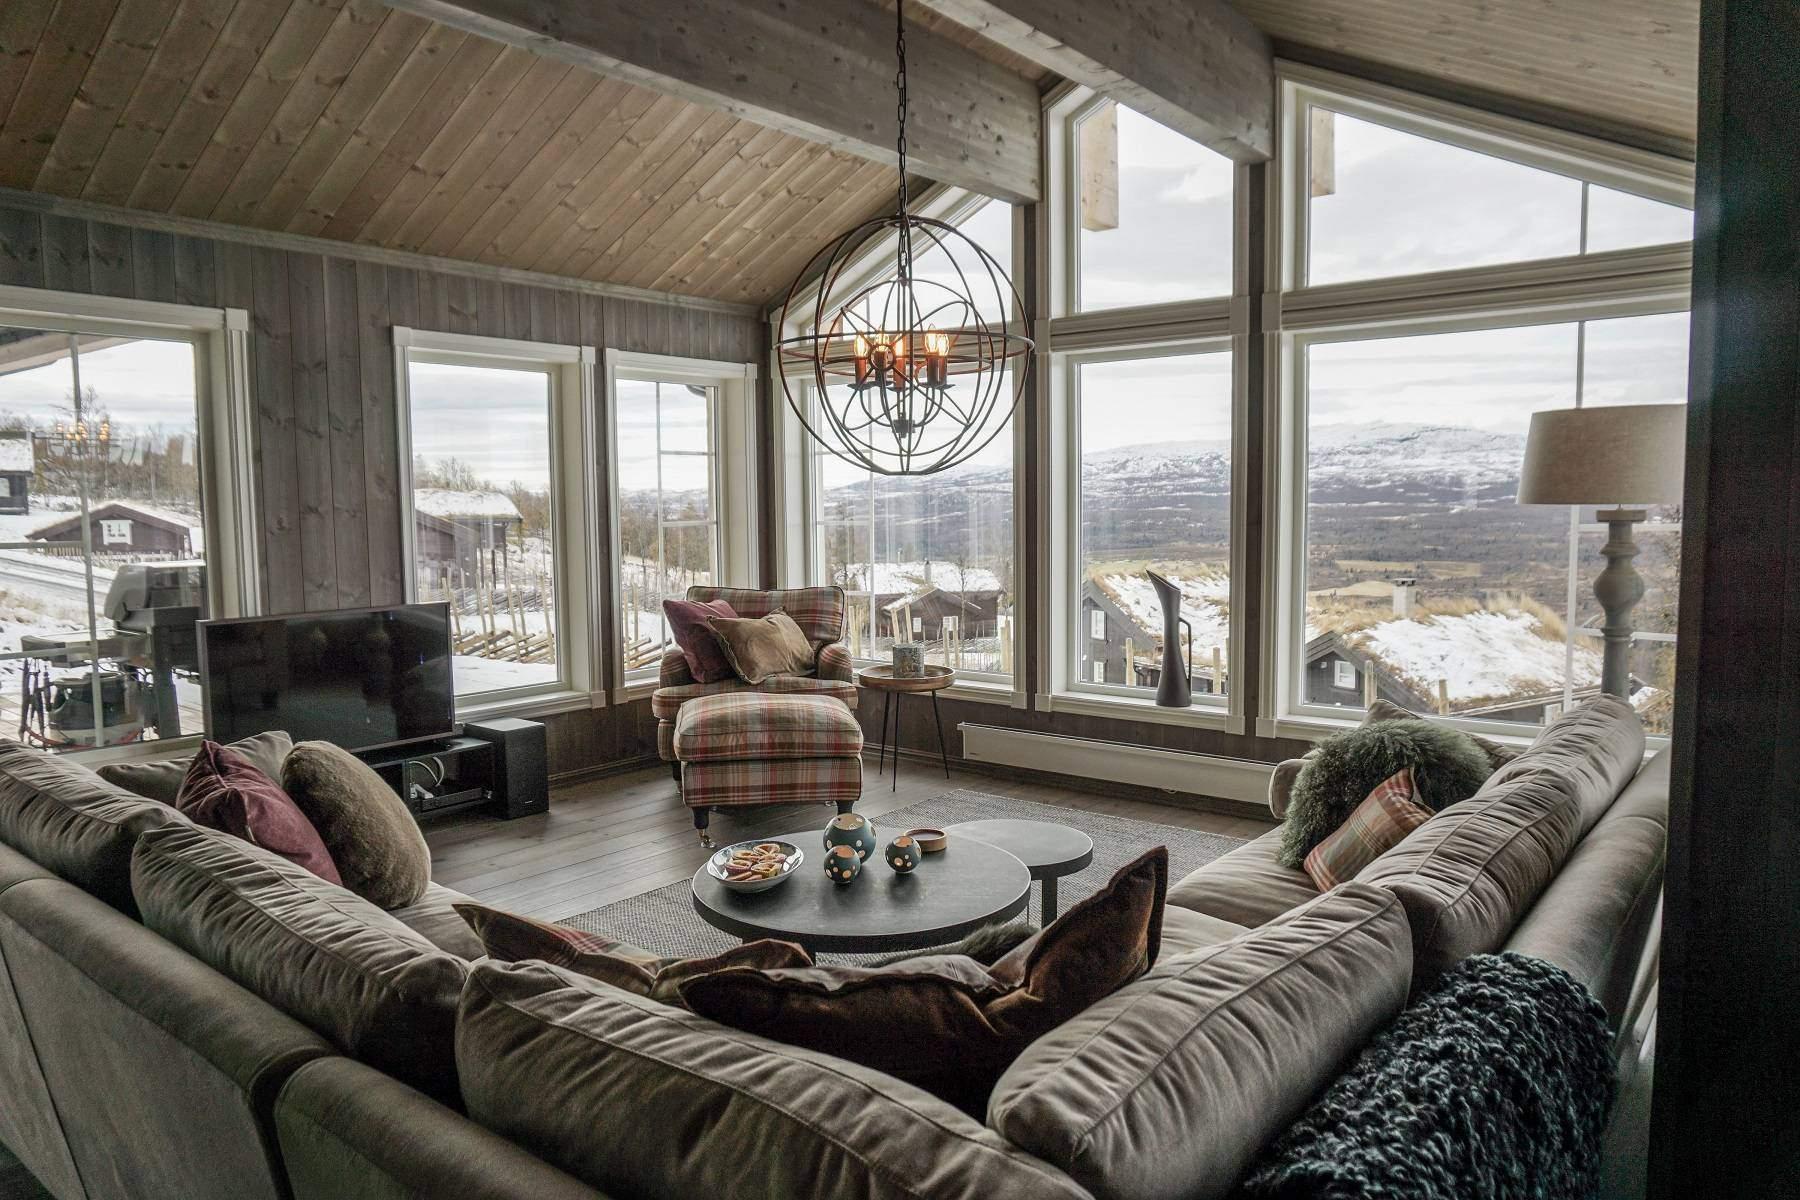 220 Hytteinteriør Hytteinspirasjon Strynsfjell 122 på Høyset Panorama Vaset. Stor og bred stue med panoramavinduer til 3 sider